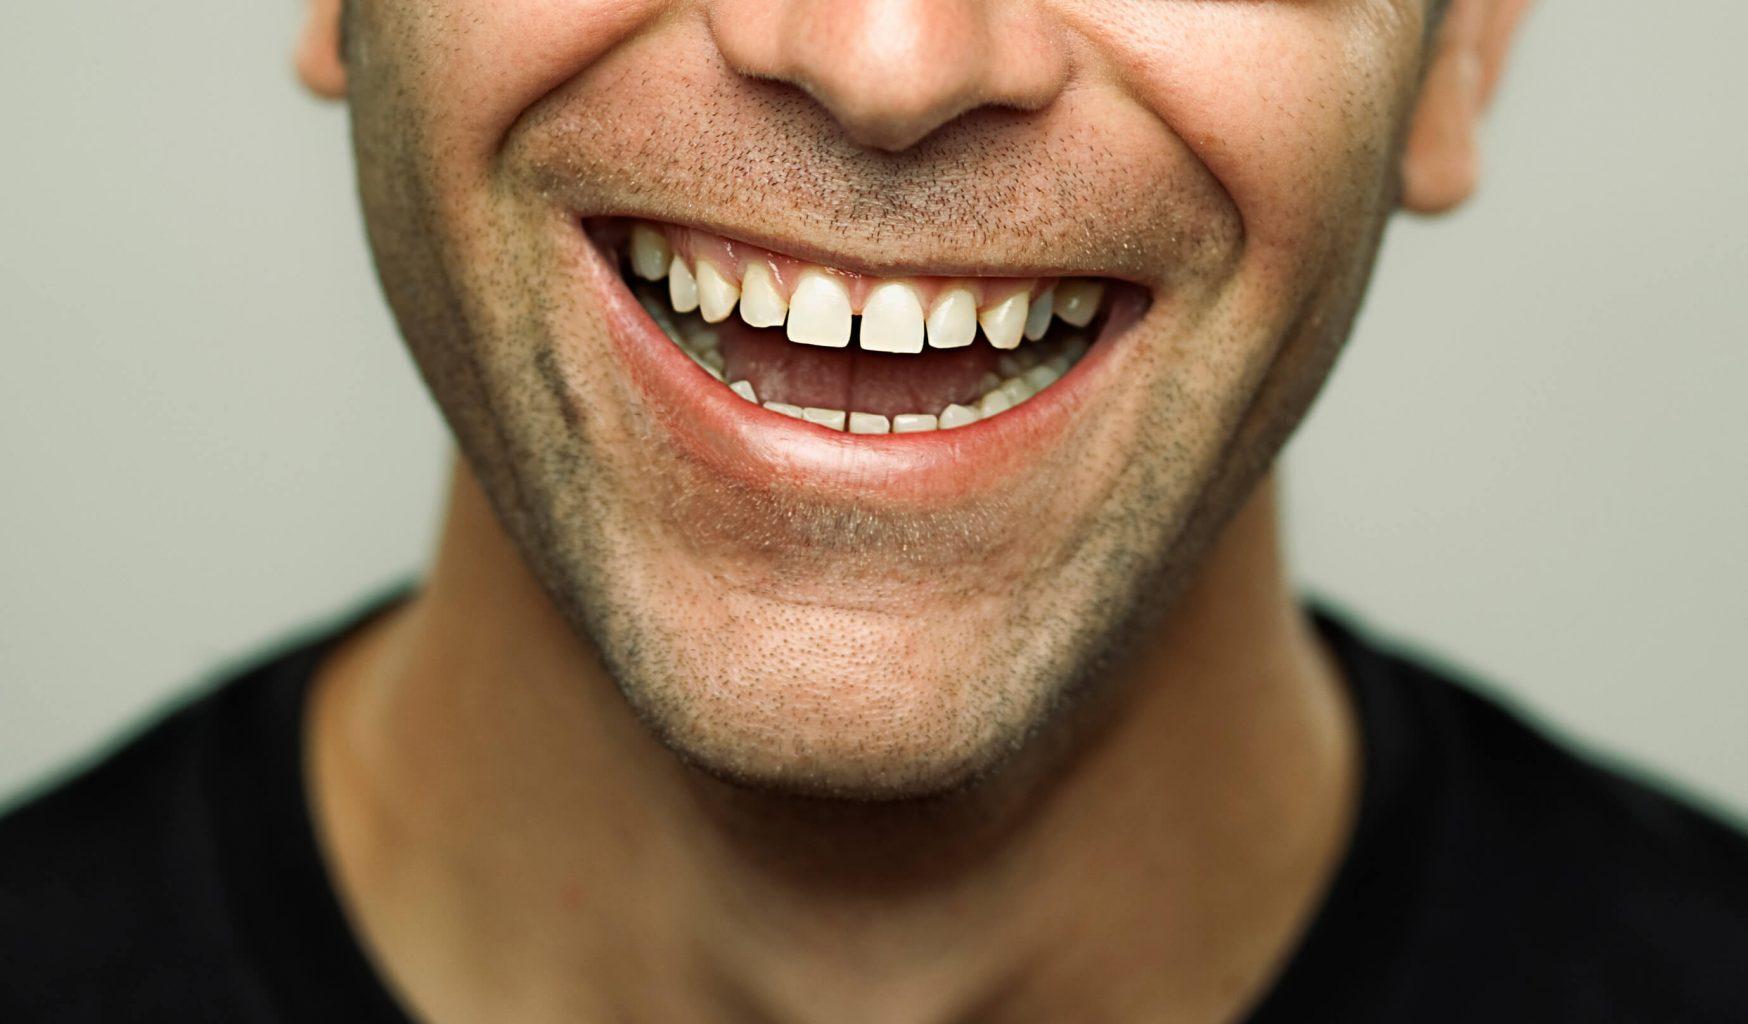 دیاستم یا فاصله بین دندان